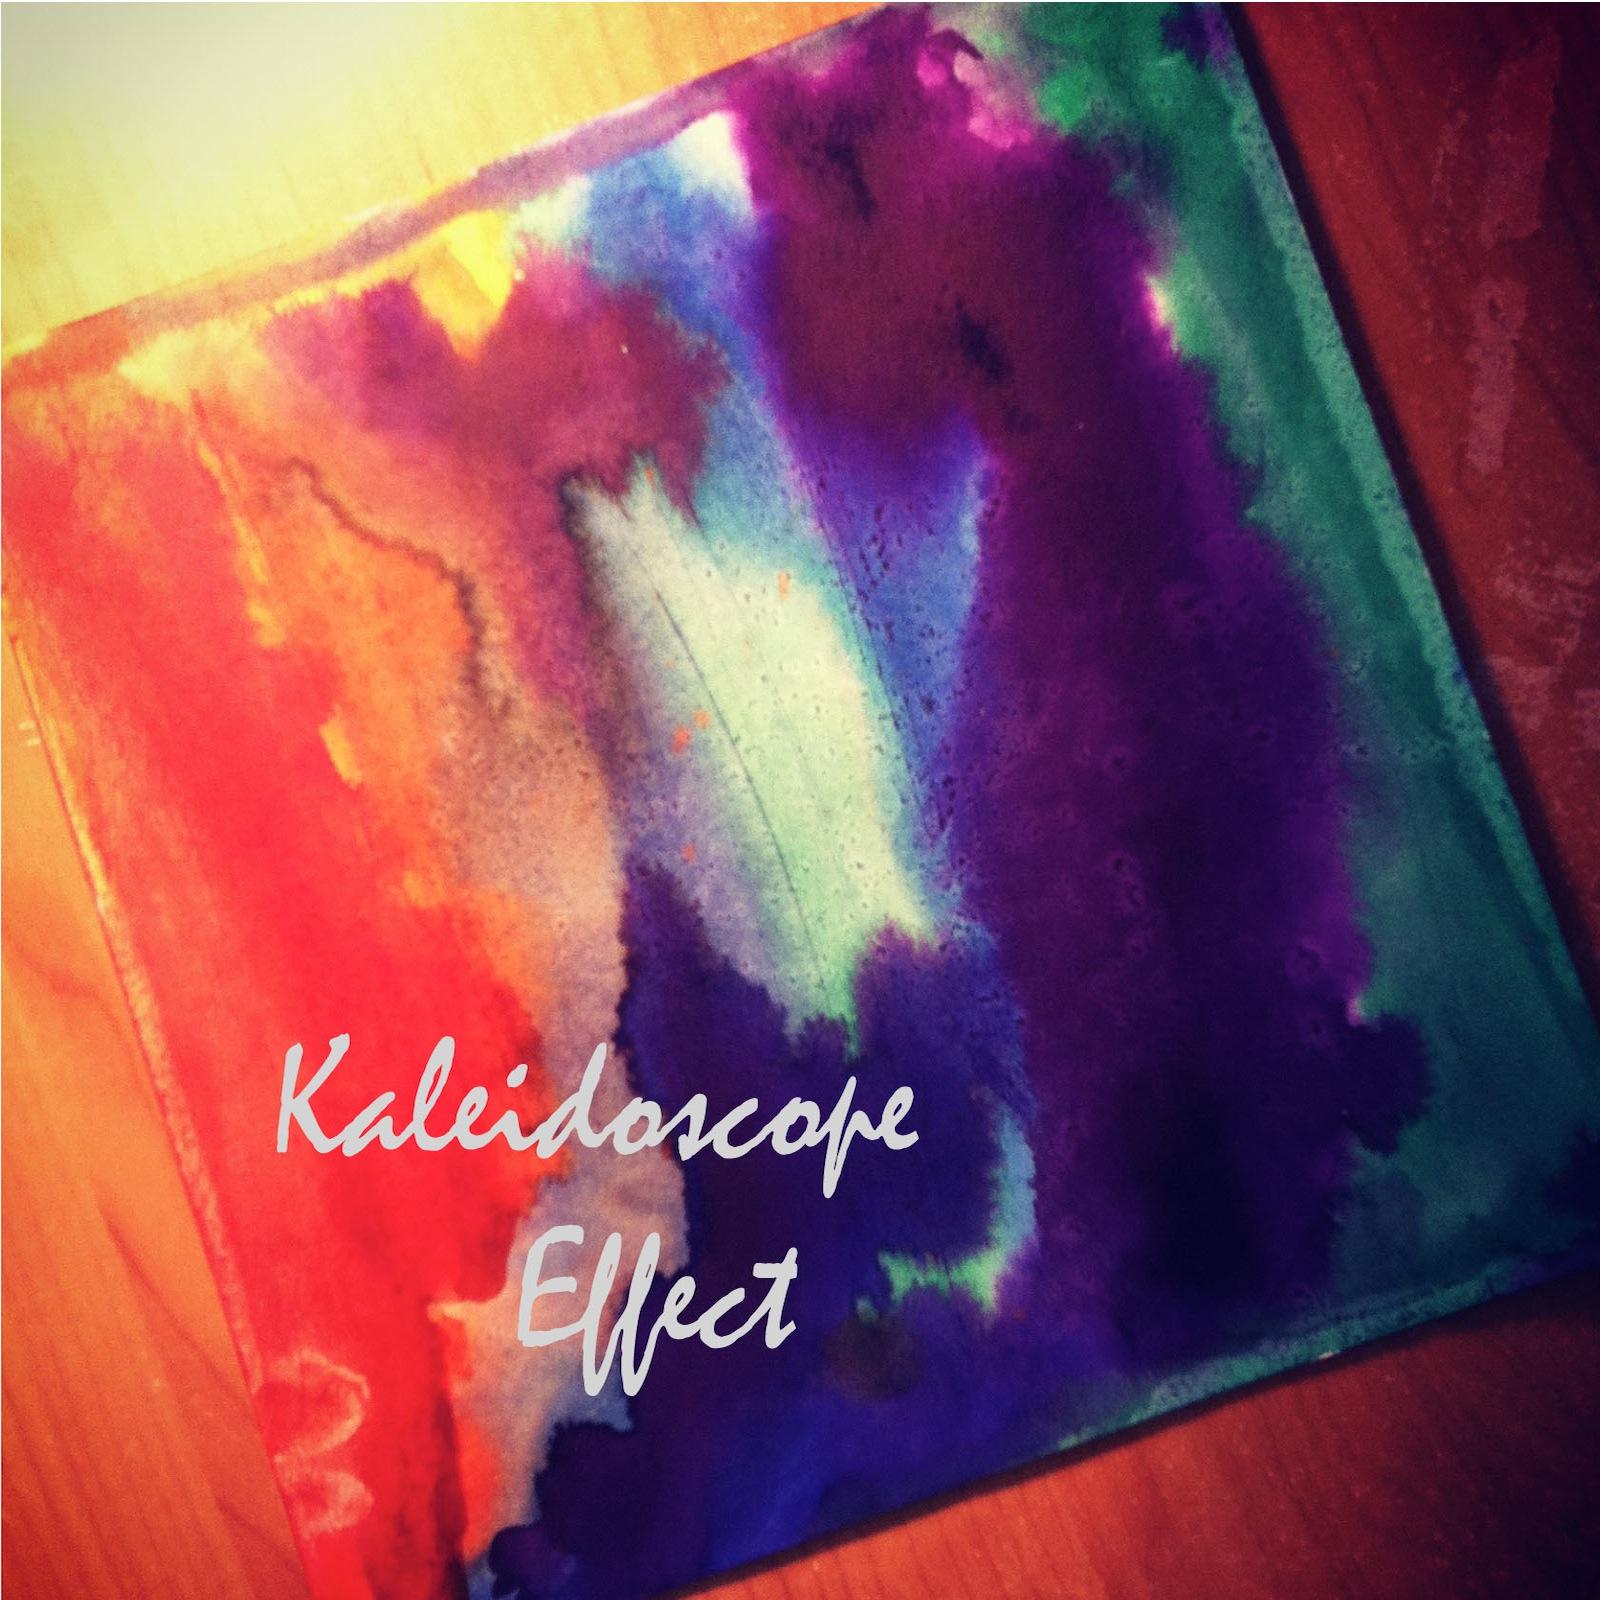 KE_ALBUM COVER.jpg